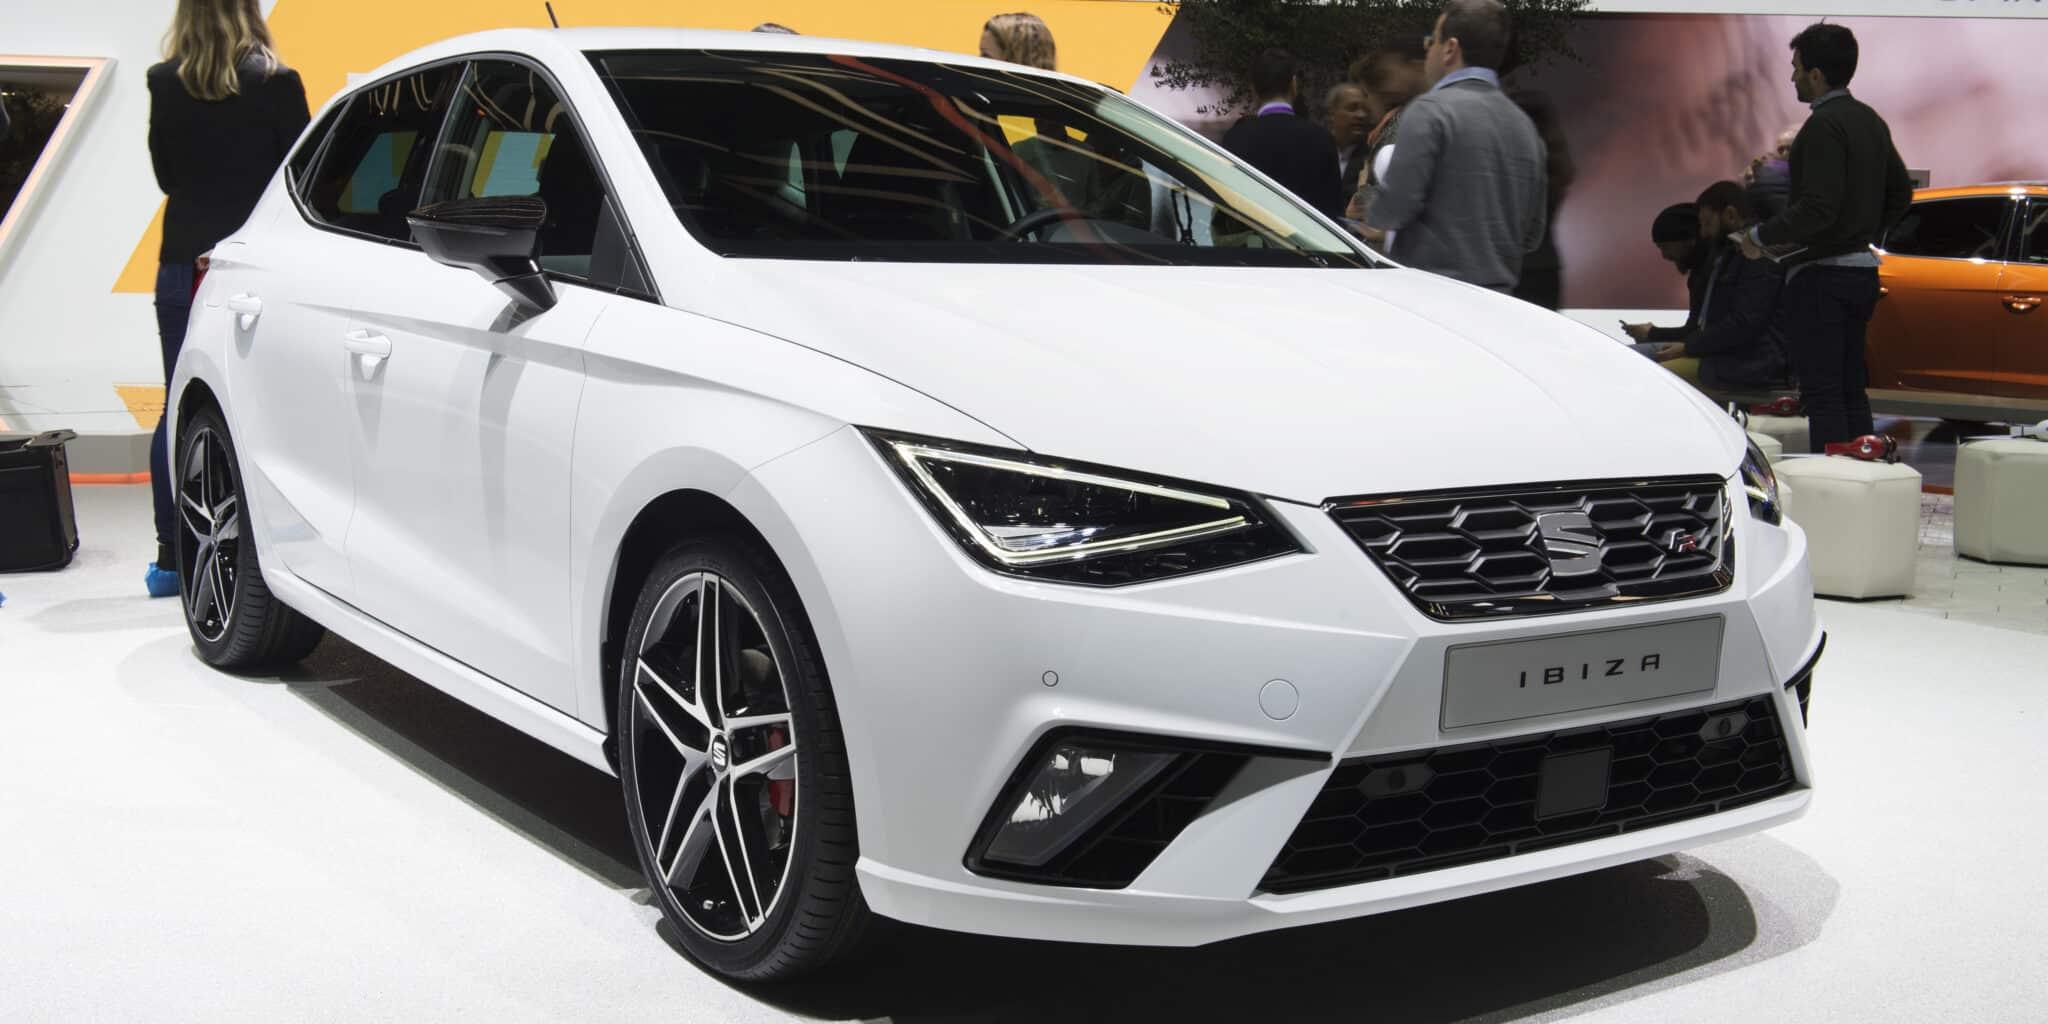 La quinta generación del SEAT Ibiza, uno de los protagonistas de Ginebra